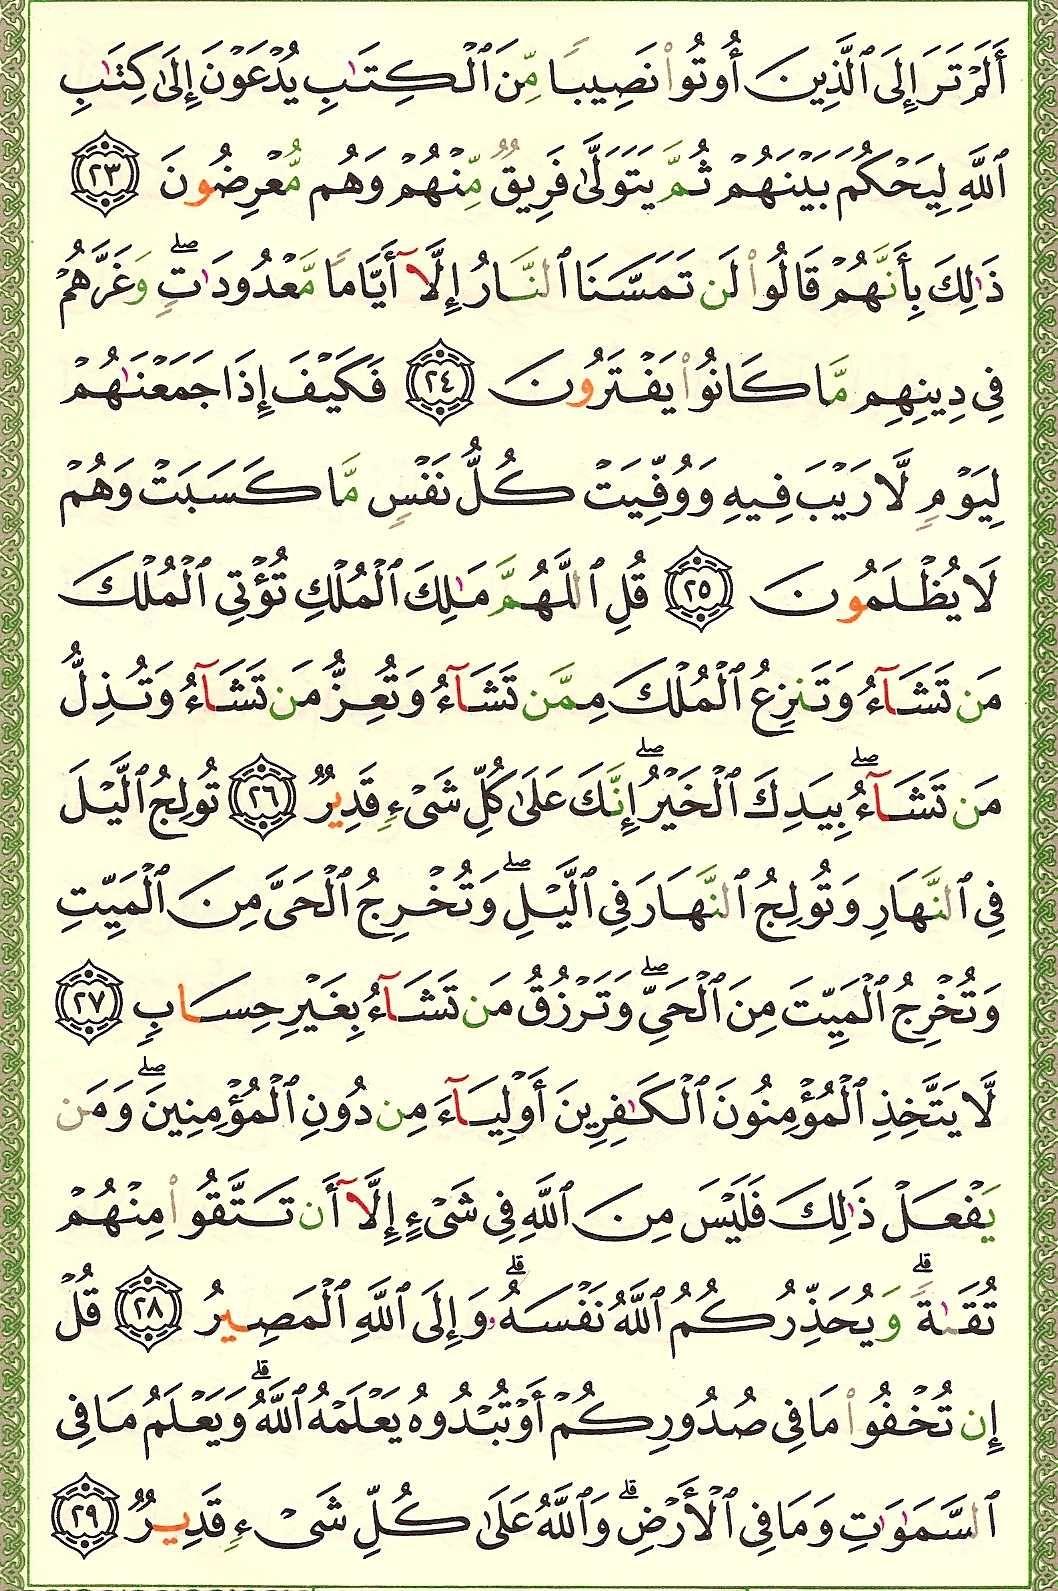 3. سورة آل عمران - Al-Imran مصورة من المصحف الشريف 053